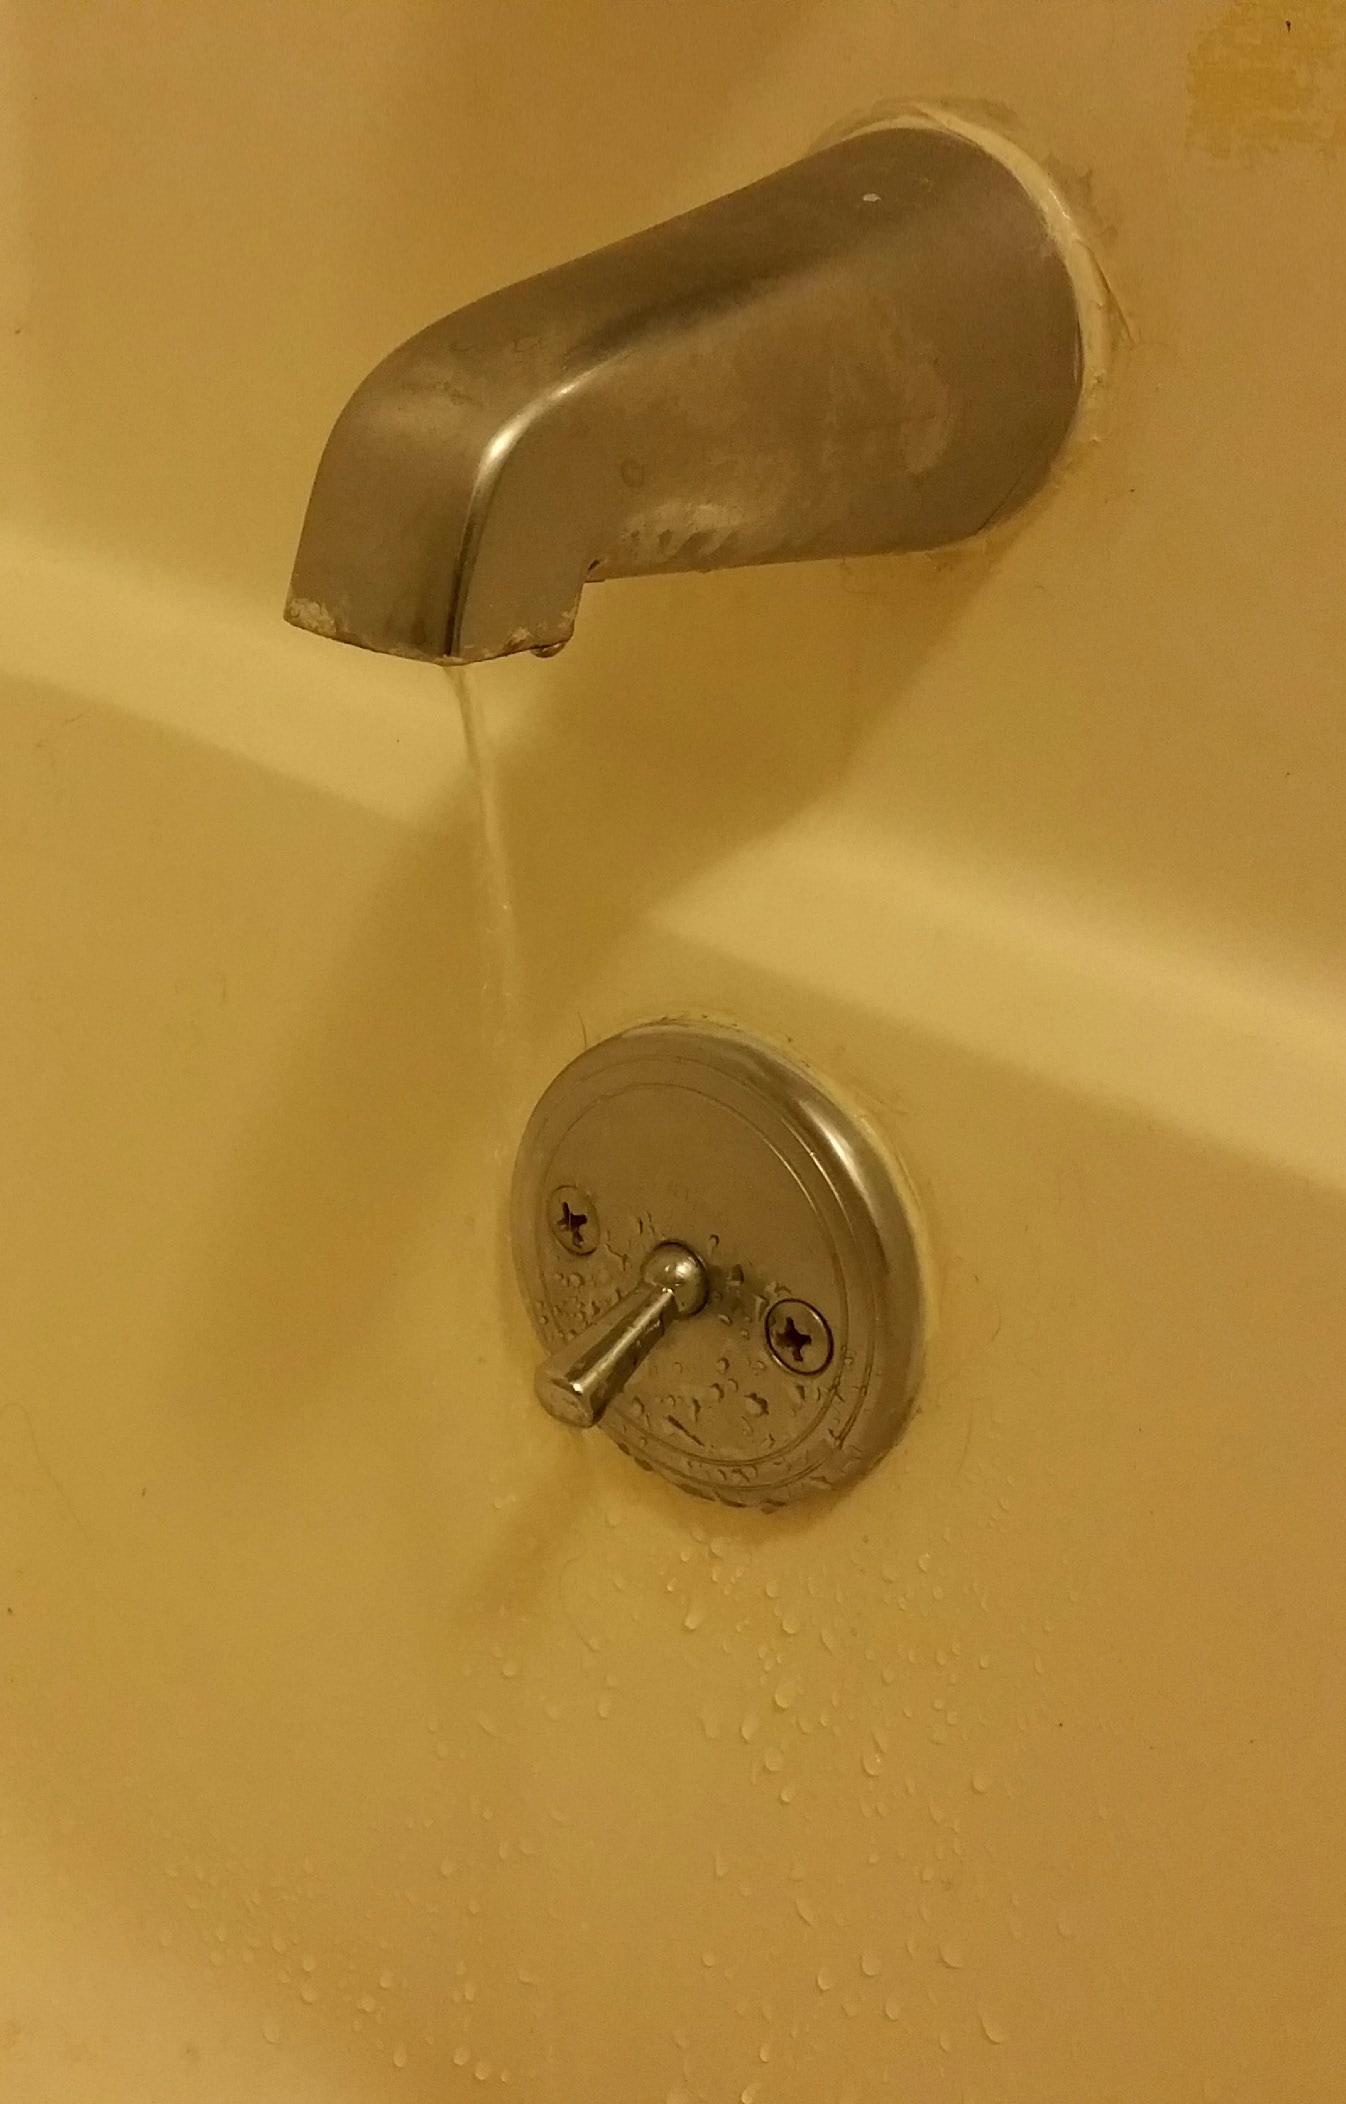 Leaky bathtub faucet - Y Ceffyl Du